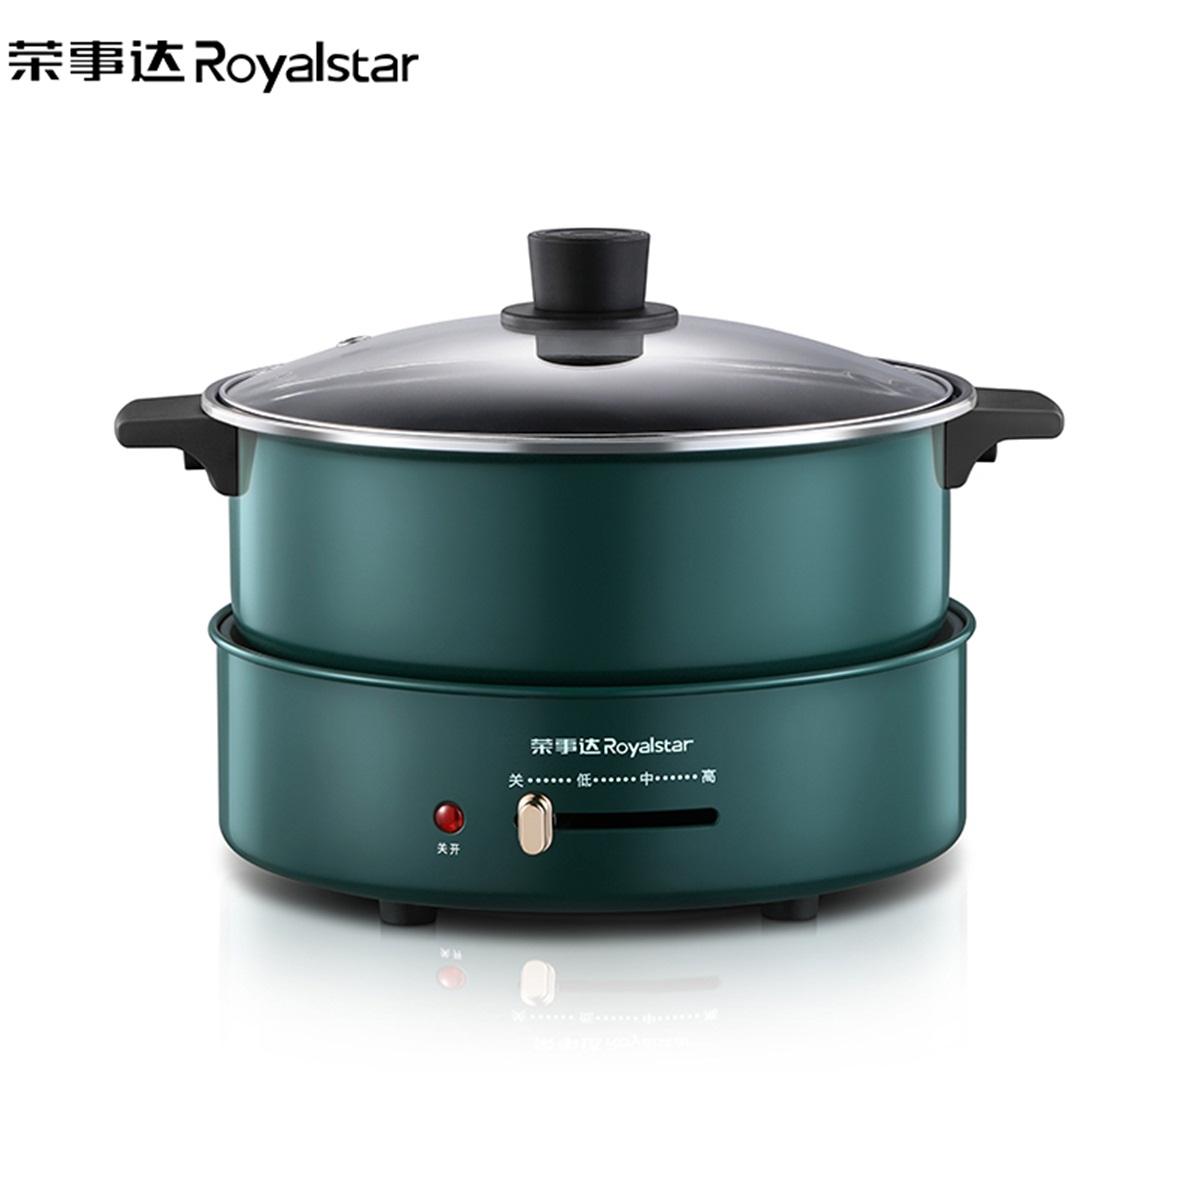 荣事达5升大容量分离式电火锅RHG-B50F(祖母绿) 1Pcs